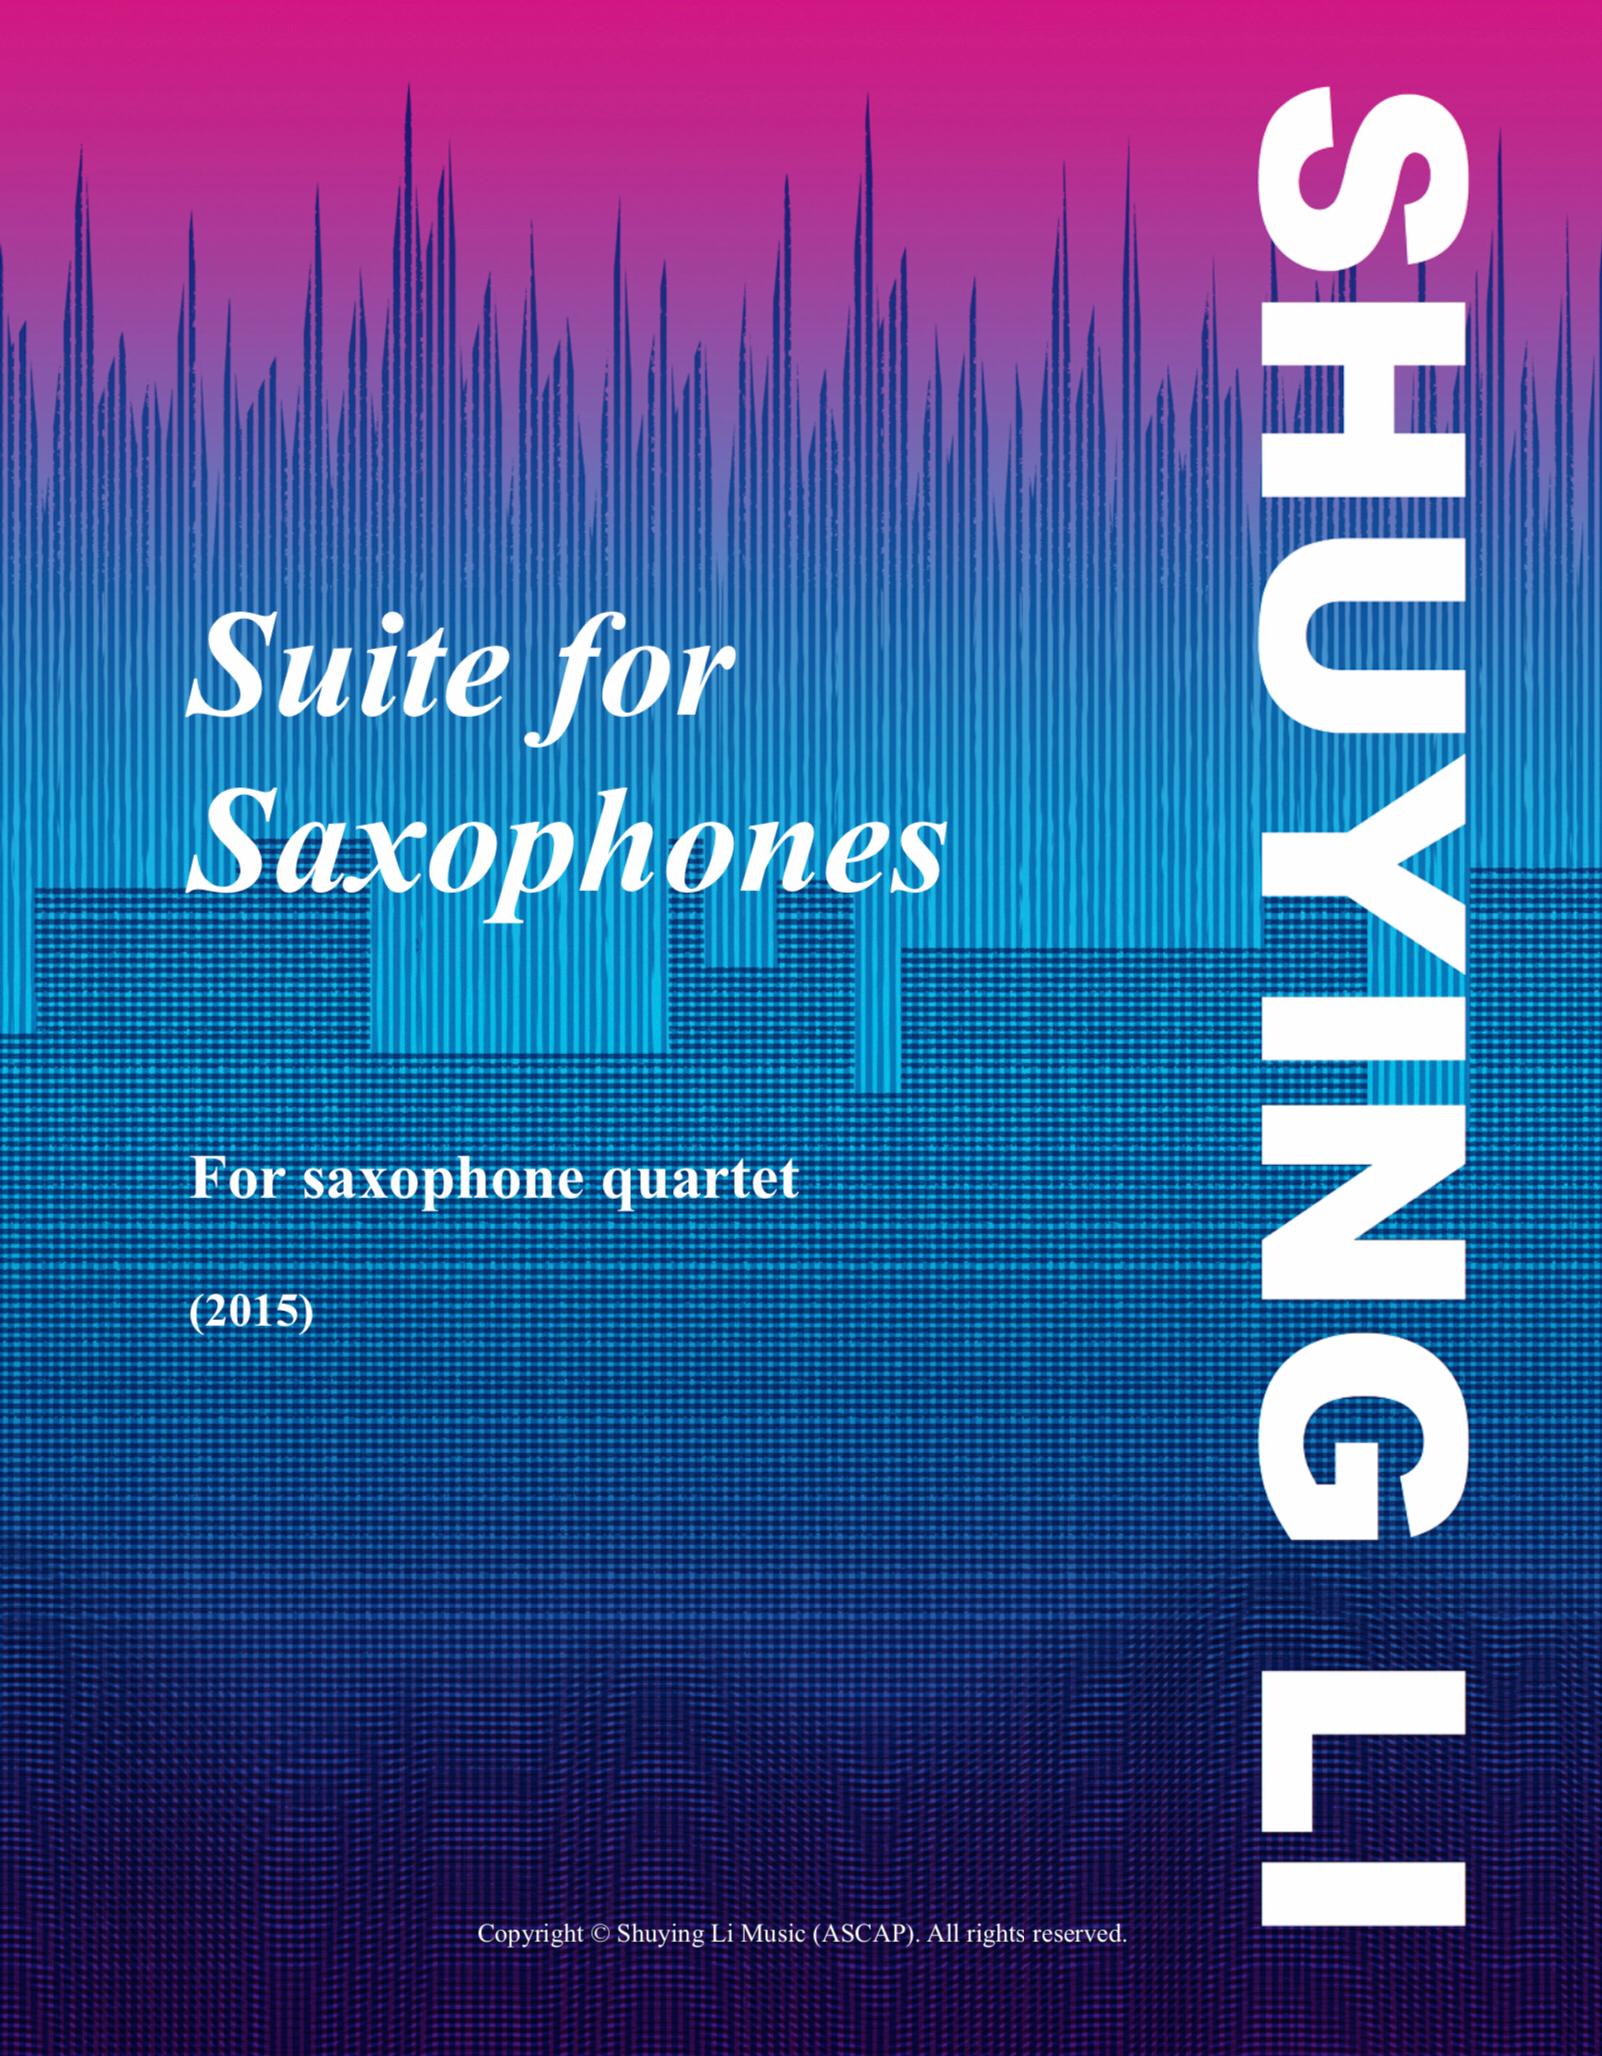 サクソフォーンのための組曲(李 姝穎) (サックス四重奏)【Suite For Saxophones】